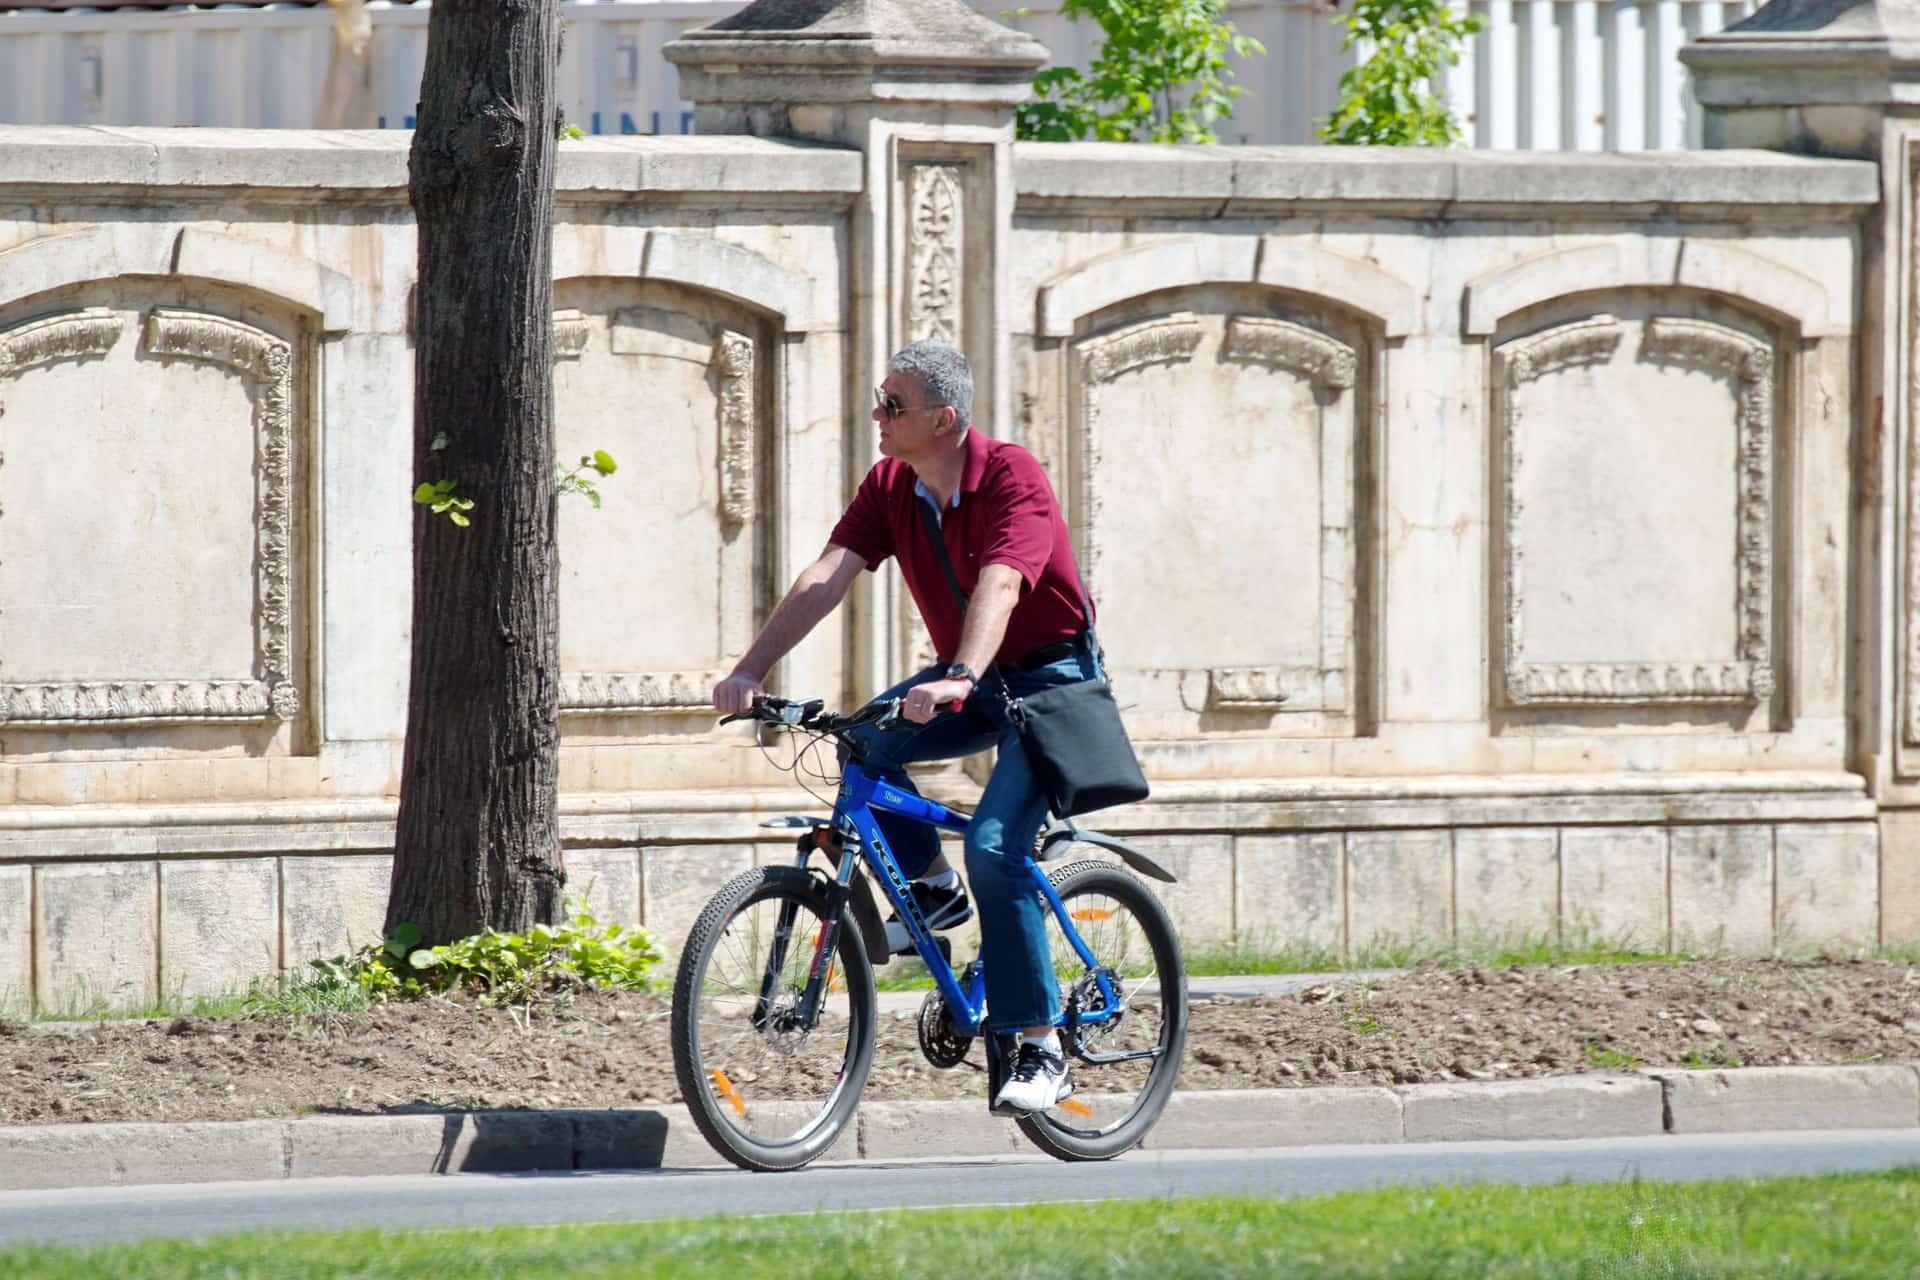 Le gouvernement veut développer les infrastructures cyclables pour inciter les français à se déplacer en vélo